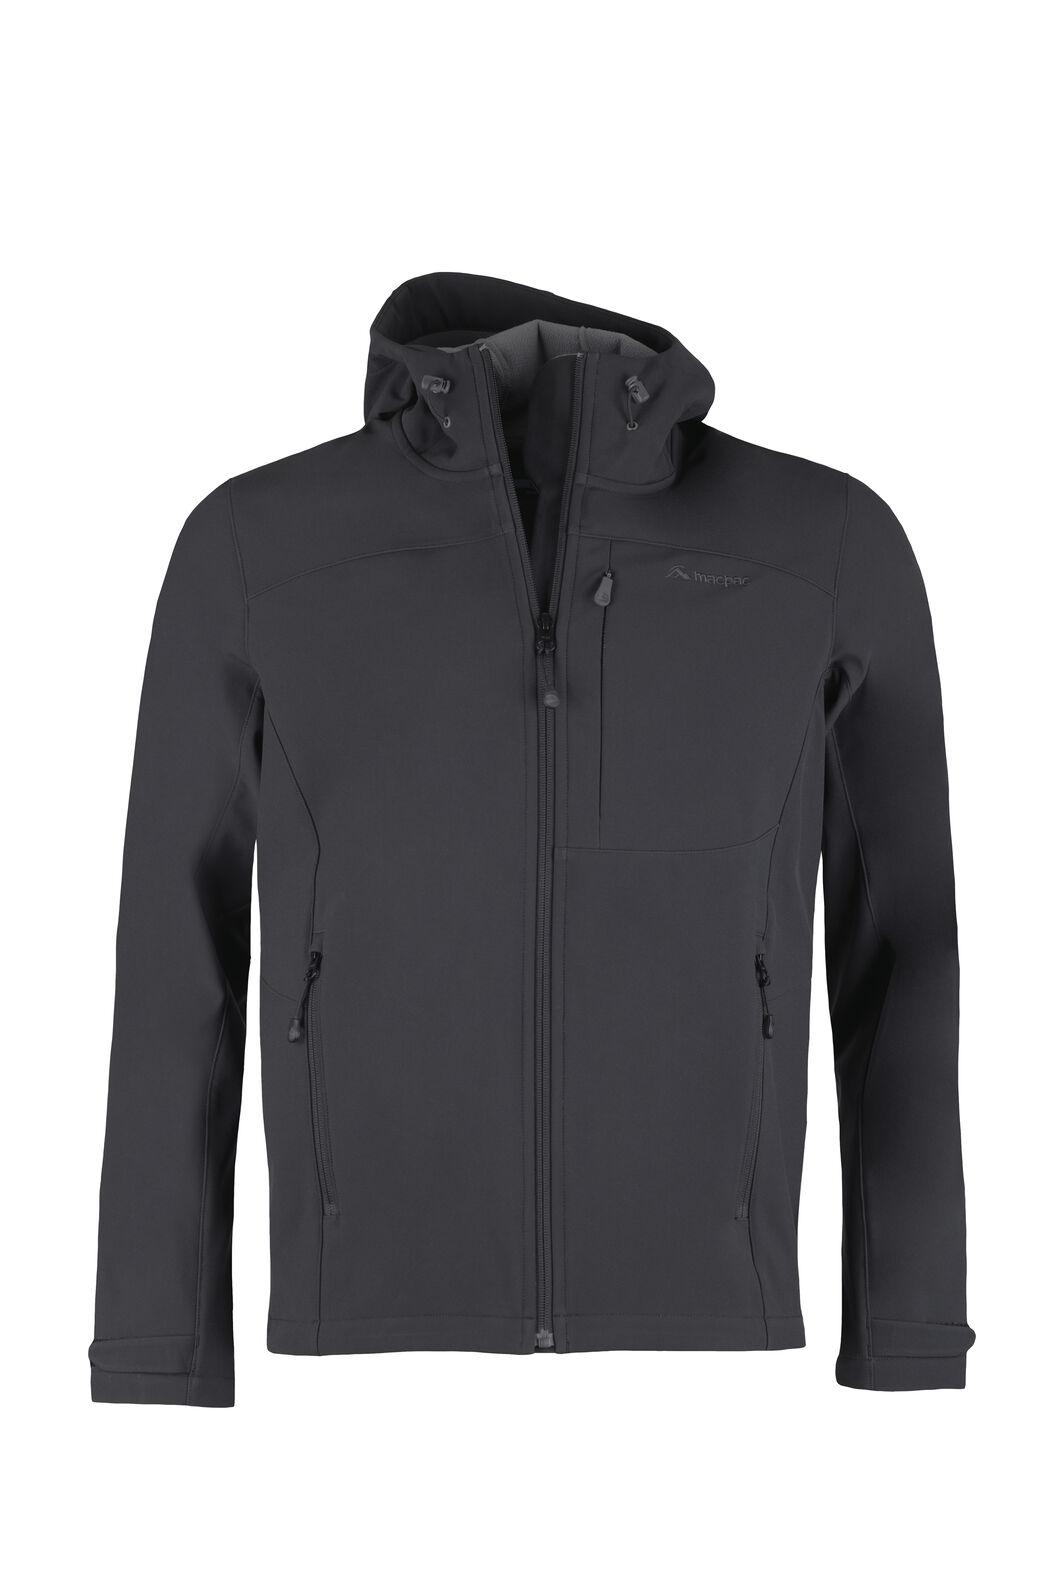 Macpac Sabre Hooded Softshell Jacket - Men's, Black, hi-res